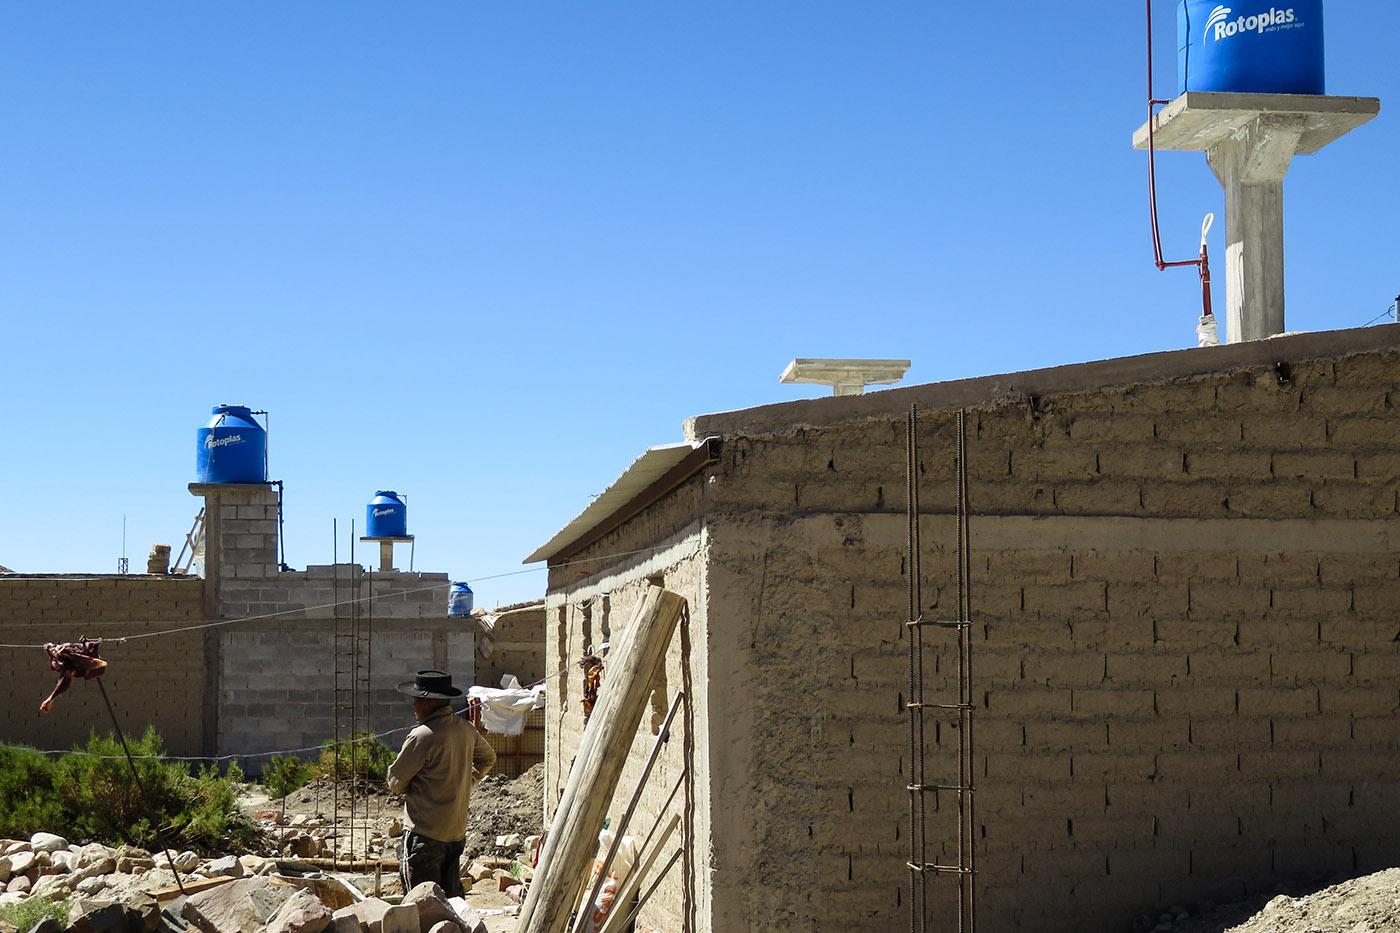 Ici, dans le village d'El Moreno, à 30 km de piste des Salinas Grandes. Dans certains villages, la pénurie de sources d'eau potable a contraint le gouvernement provincial à acheminer l'eau via des camions citernes.  (photo Augustin Campos/8e étage)